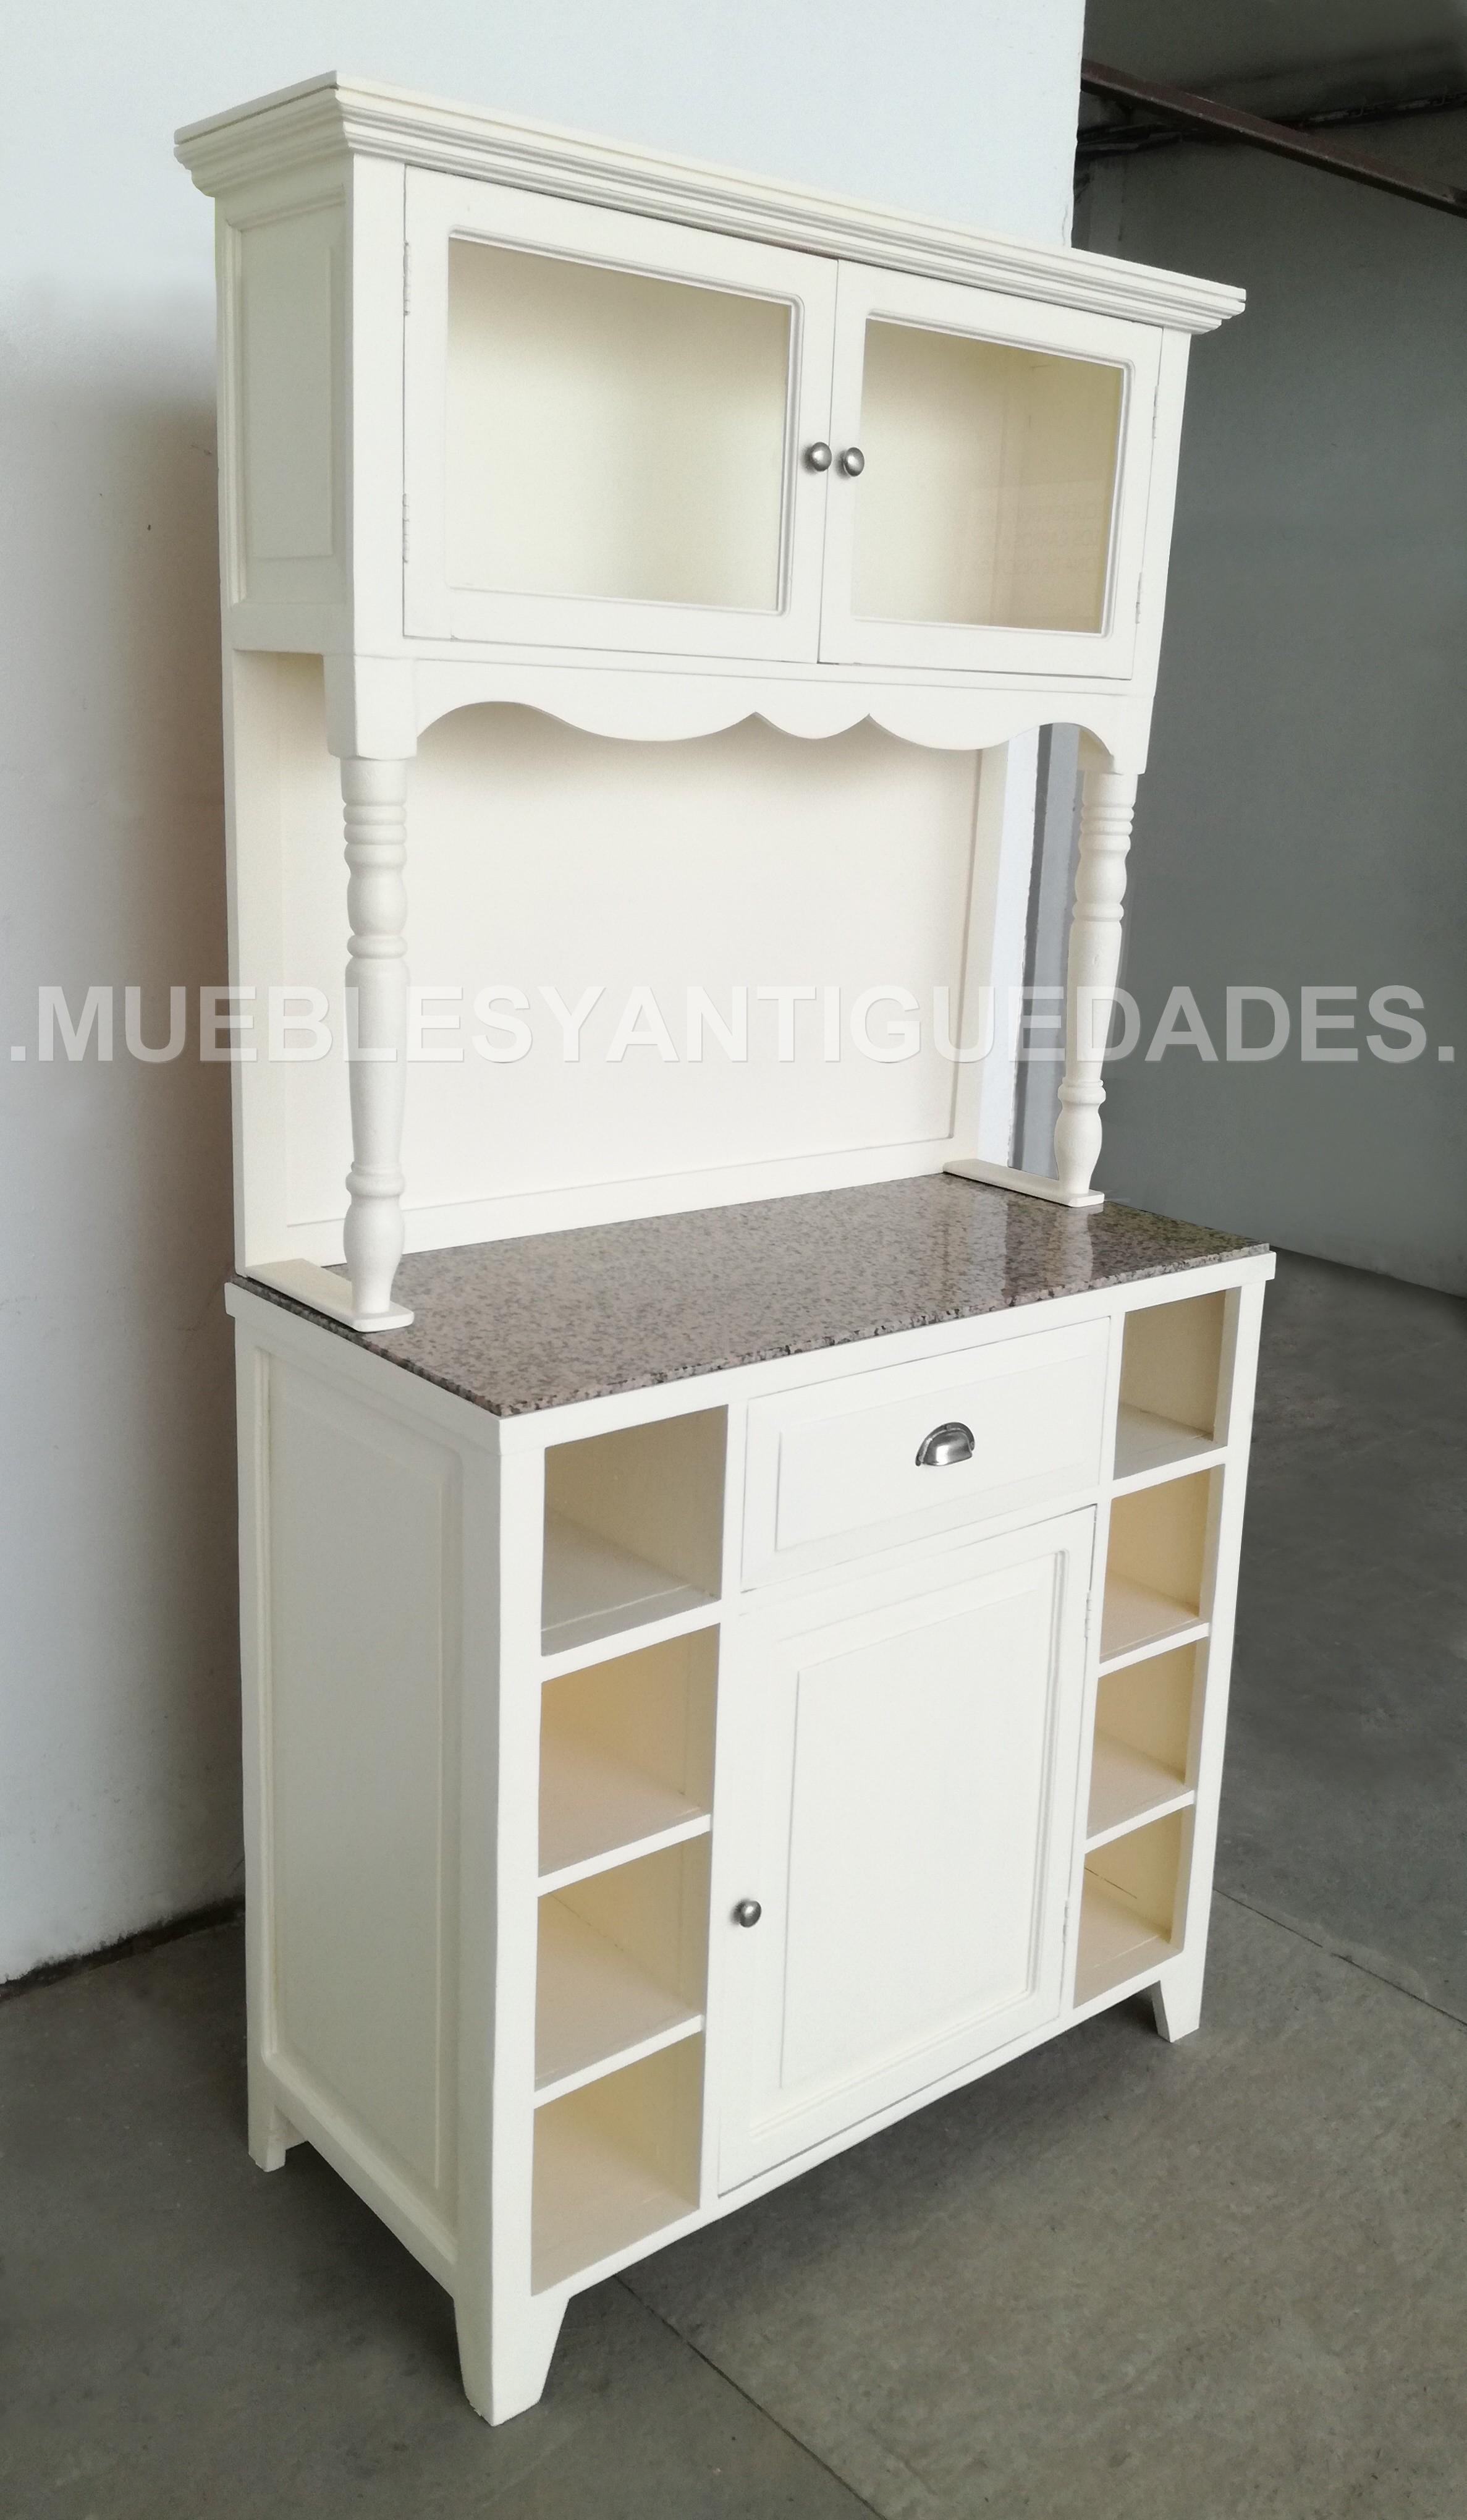 Alacena mueble de cocina en madera maciza (AL102M)